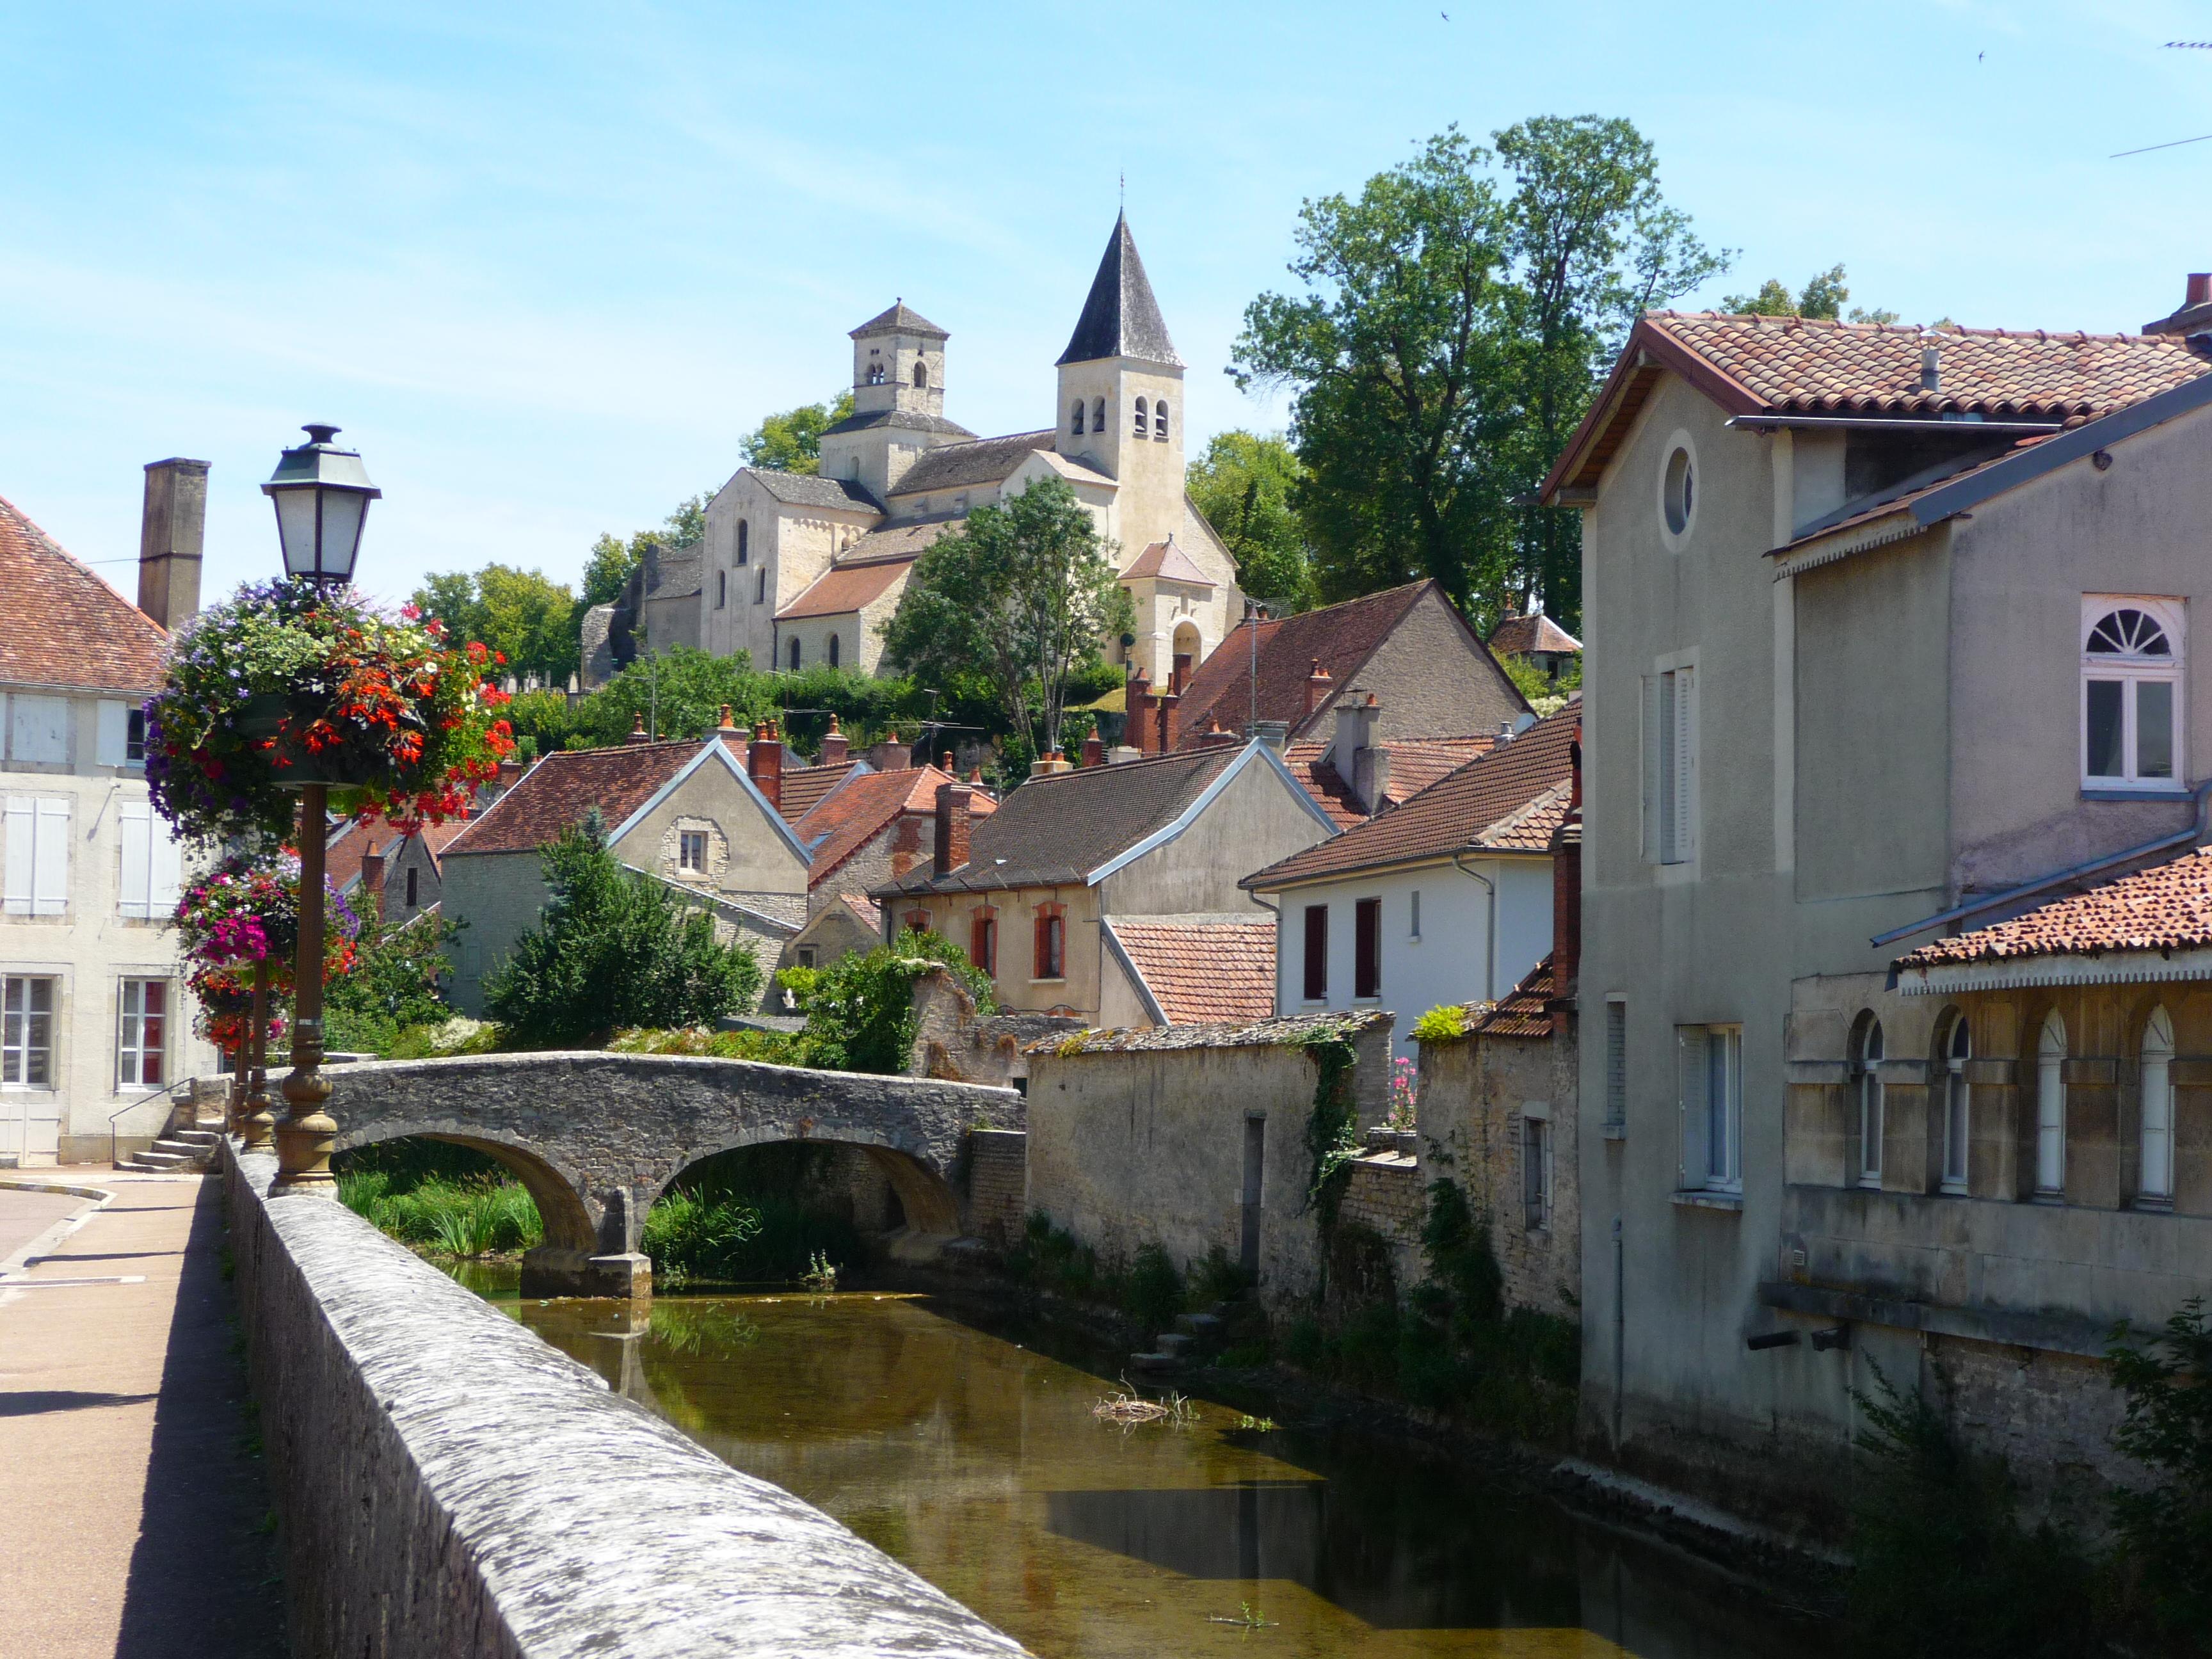 Saint-Marc-sur-Seine, eindelijk wat leuks onderweg (Foto: Panoramio)